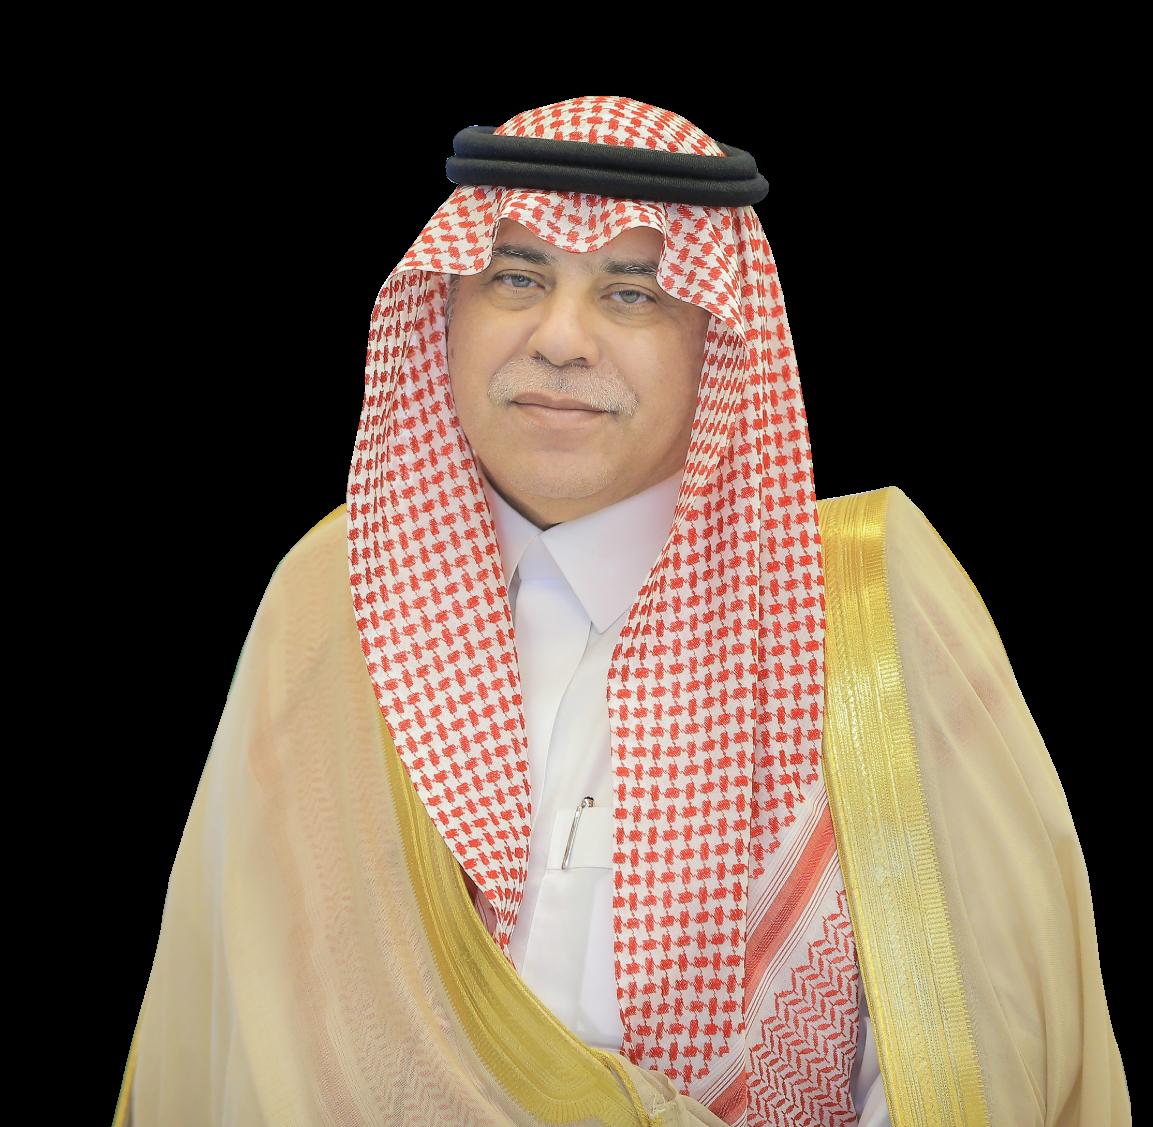 معالي الدكتور ماجد بن عبدالله القصبي